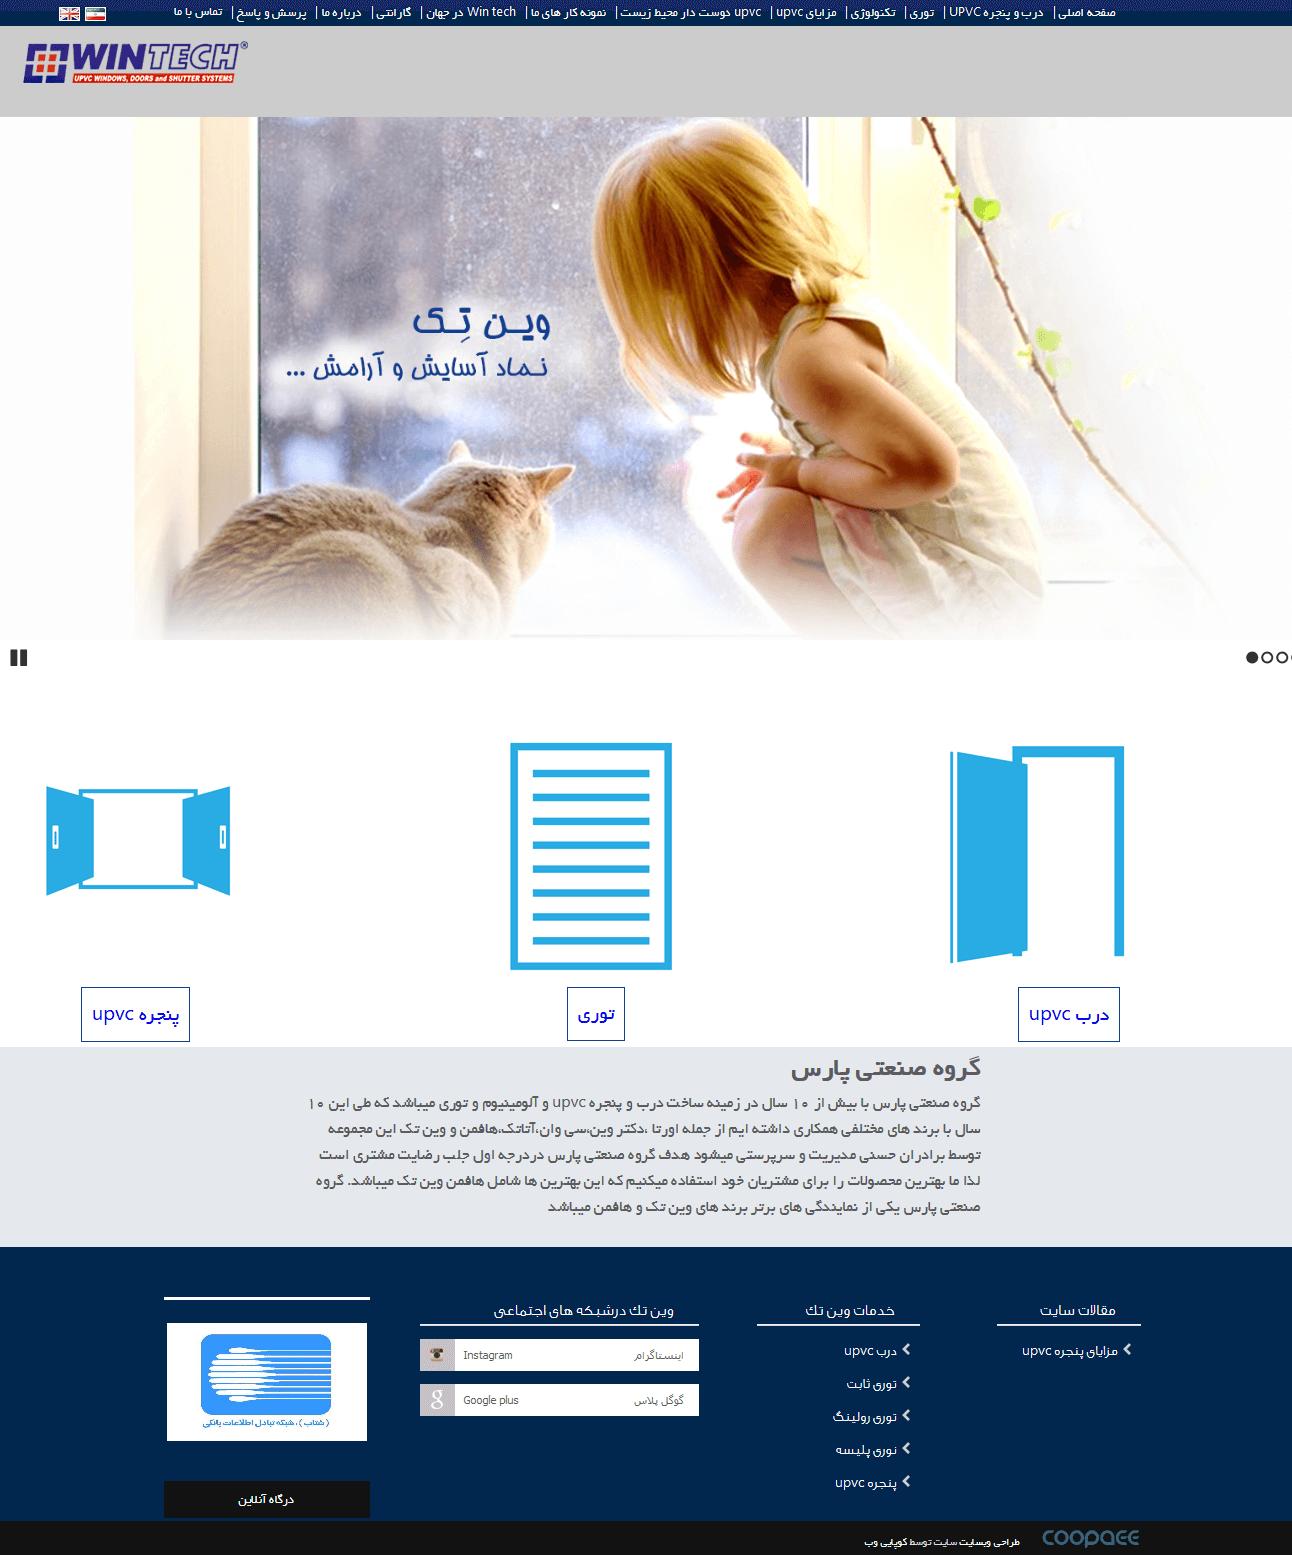 طراحی سایت upvc pars